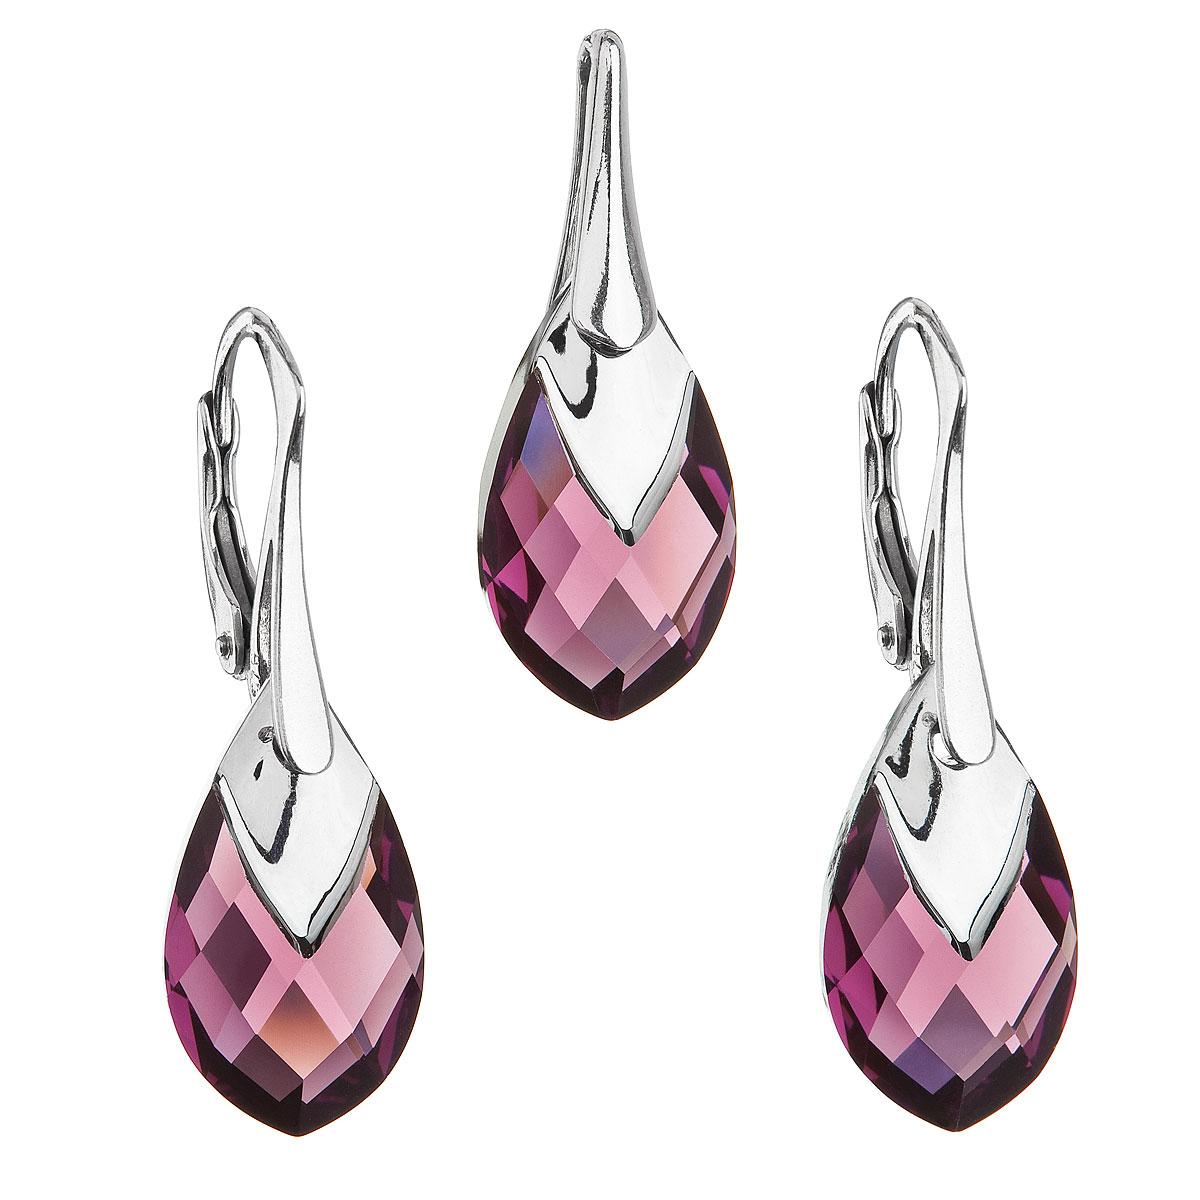 Sada šperkov s krištálmi Swarovski náušnice a prívesok fialová slza 39169.4 amethyst